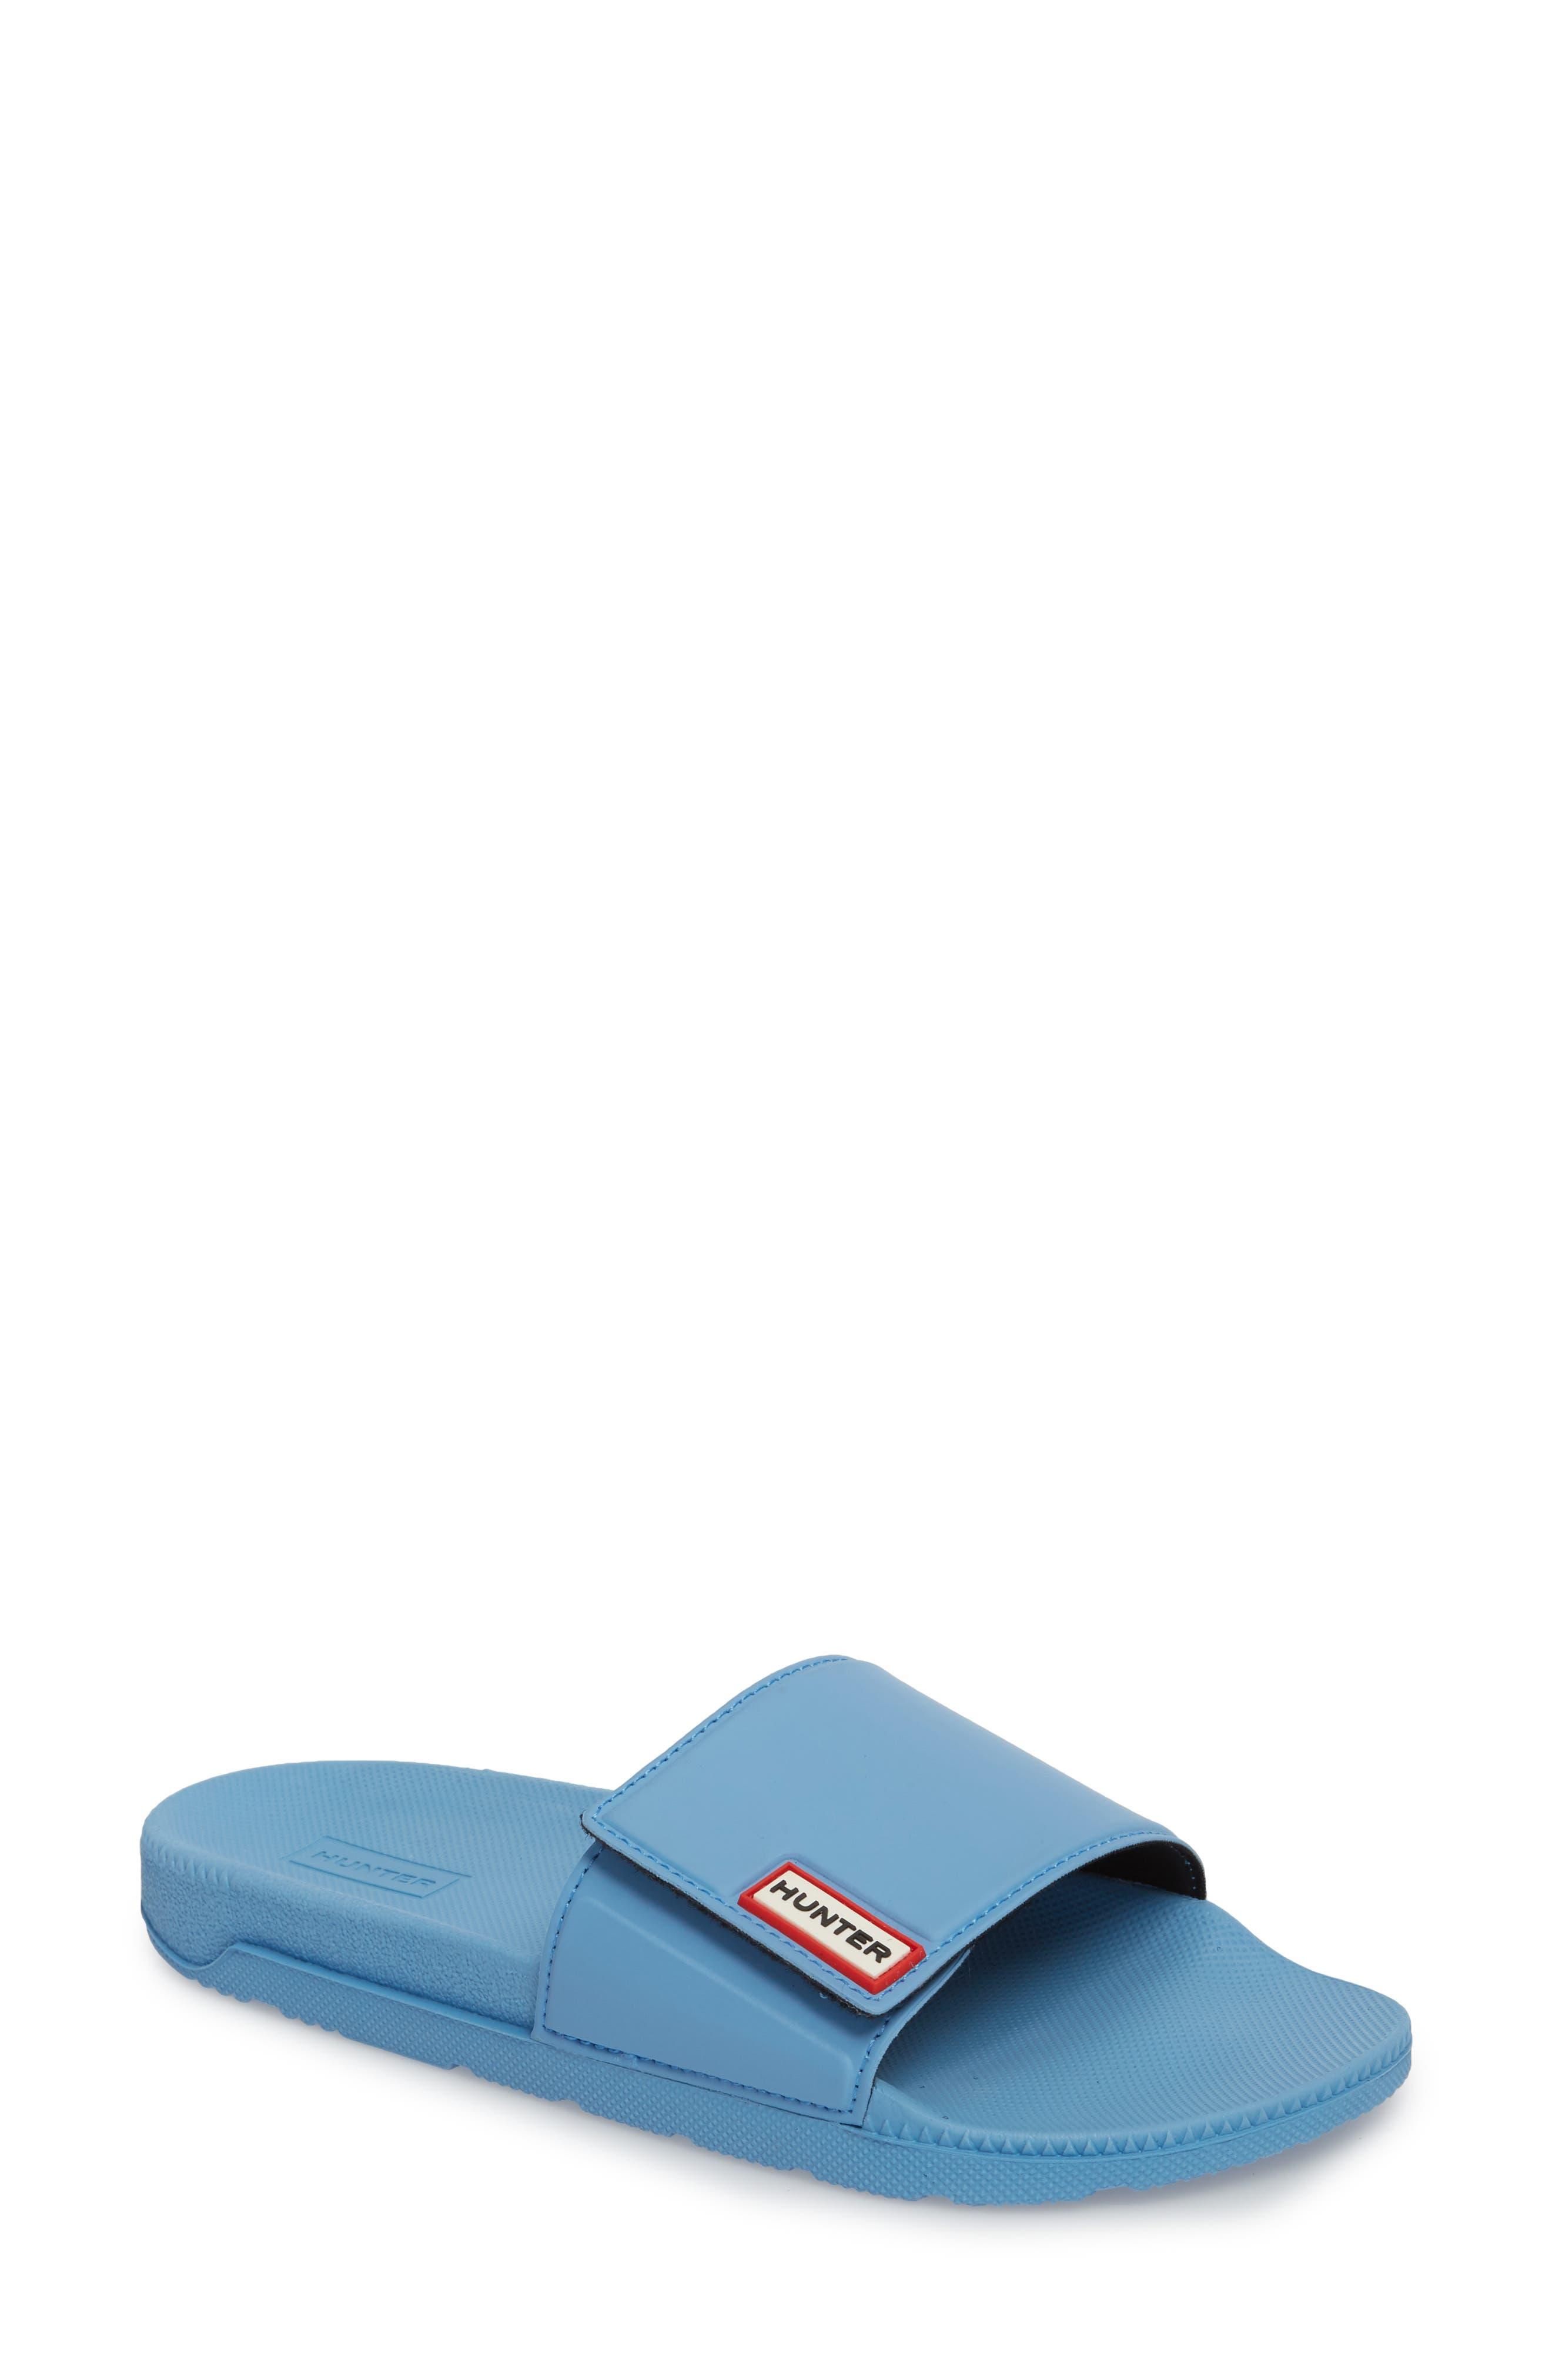 Hunter Original Adjustable Slide Sandal (Women)